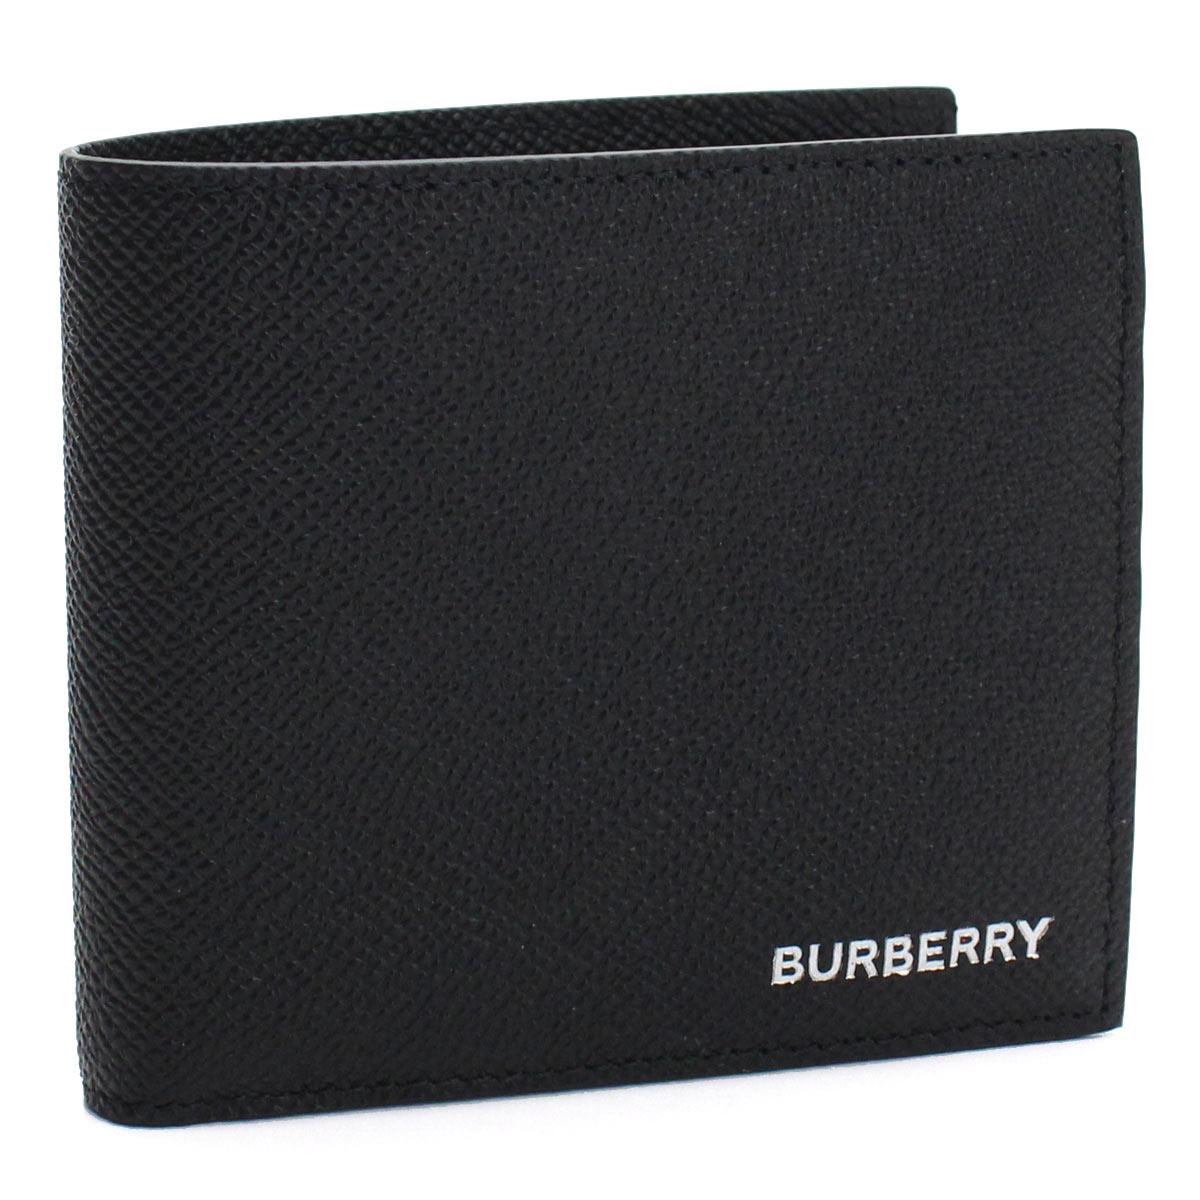 バーバリー BURBERRY 2つ折り財布 8014656 A1189 BLACK ブラック 【メンズ】【キャッシュレス 5% 還元】